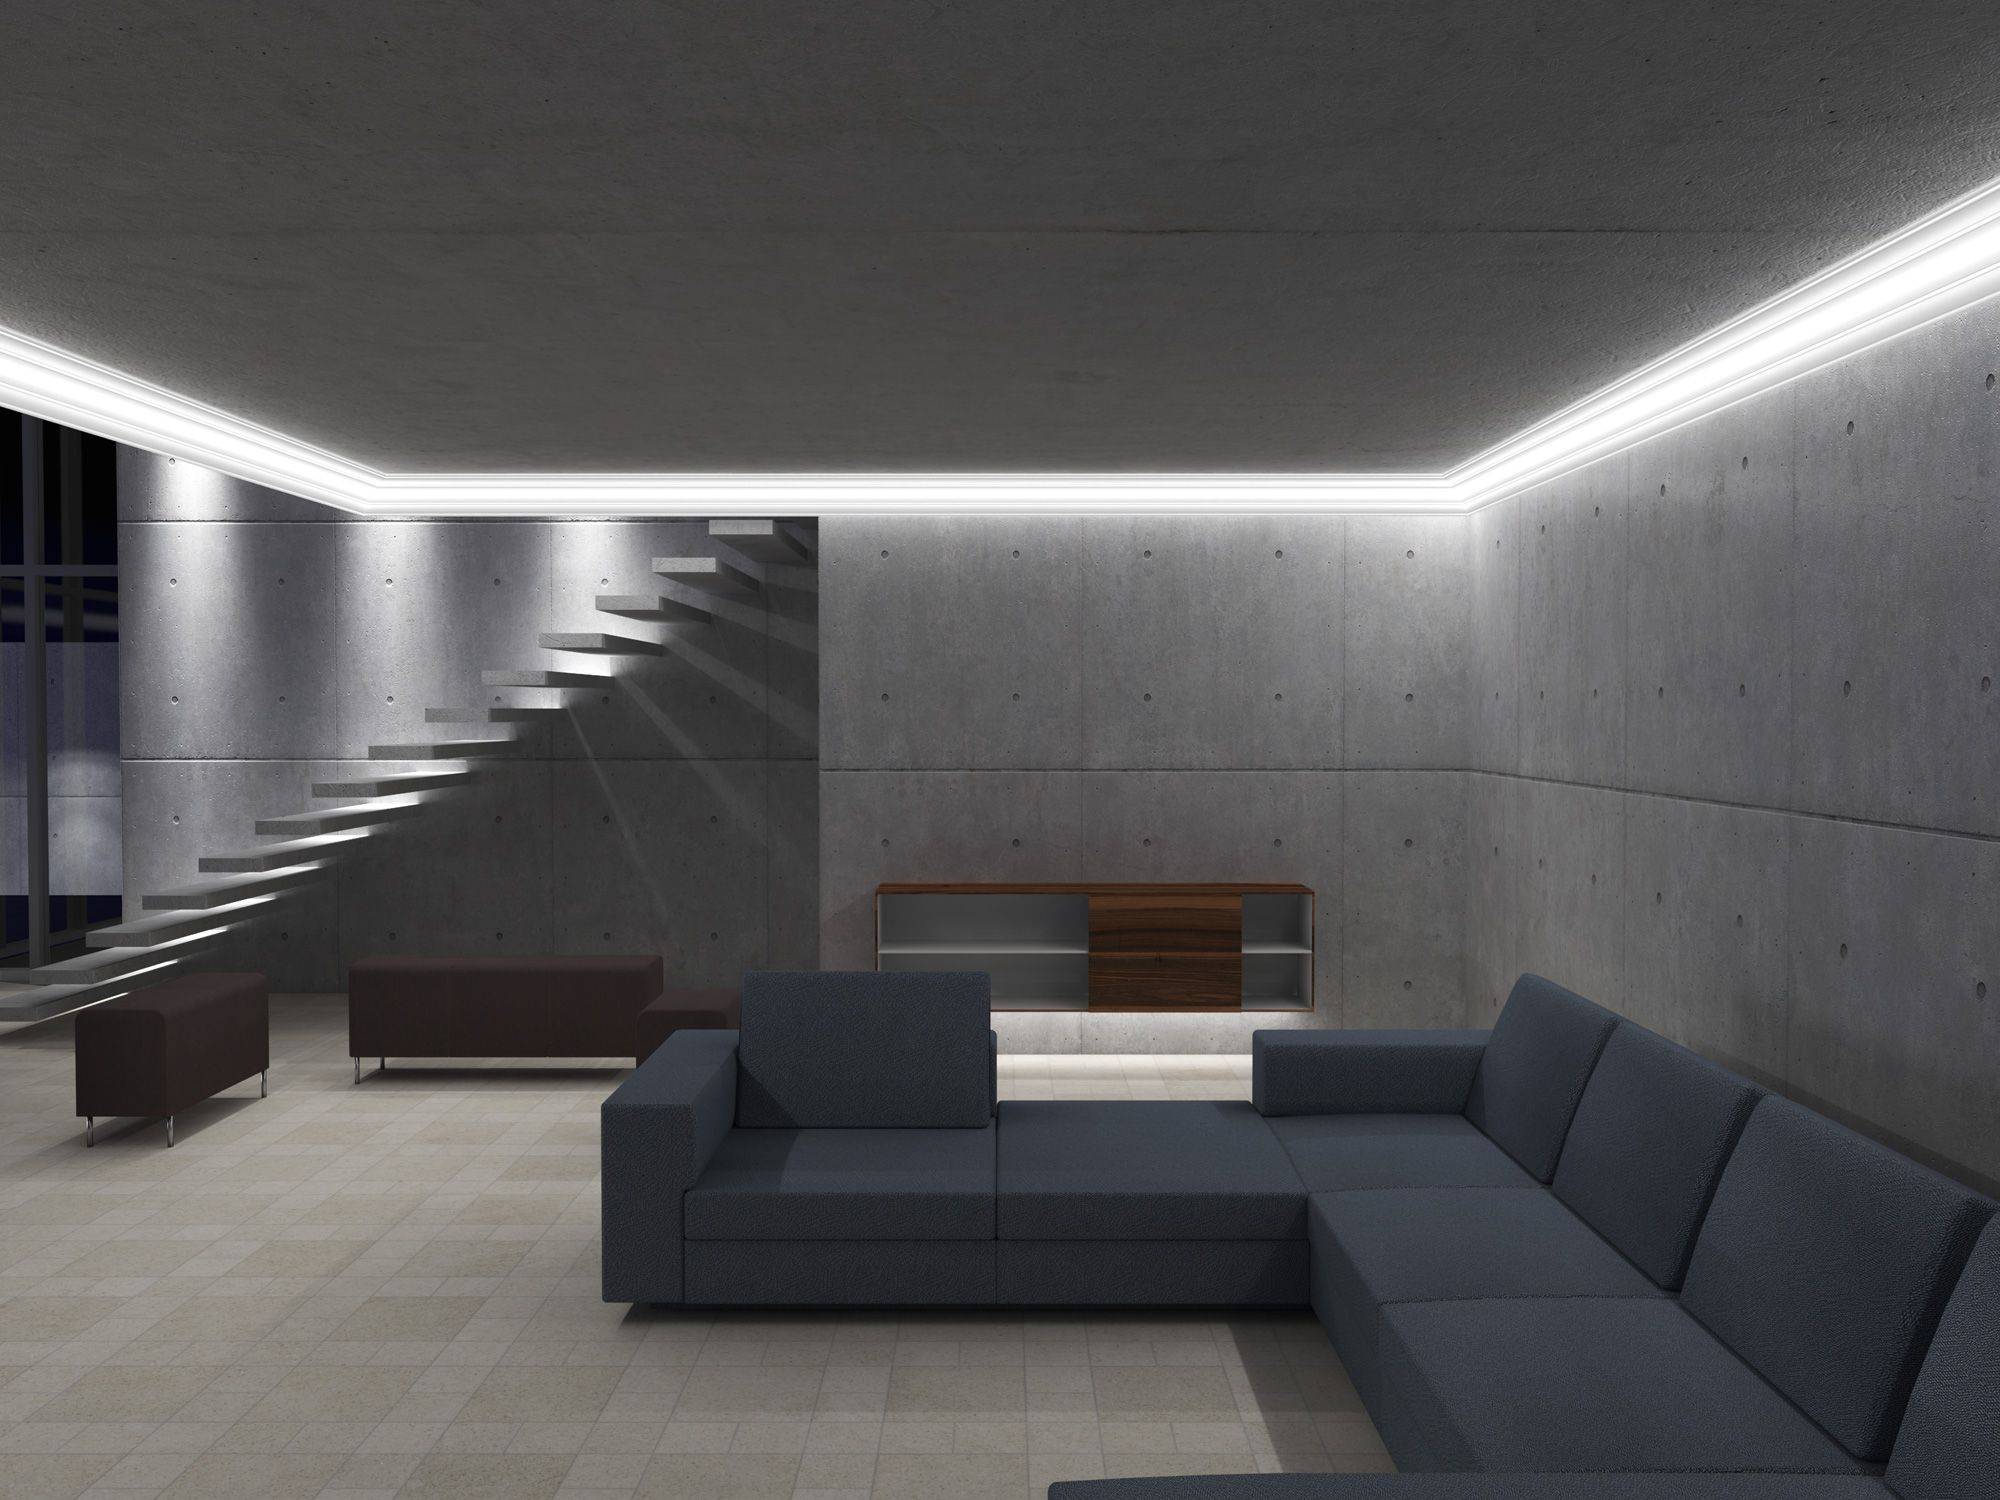 Stuccolight - Startseite  Indirekte beleuchtung